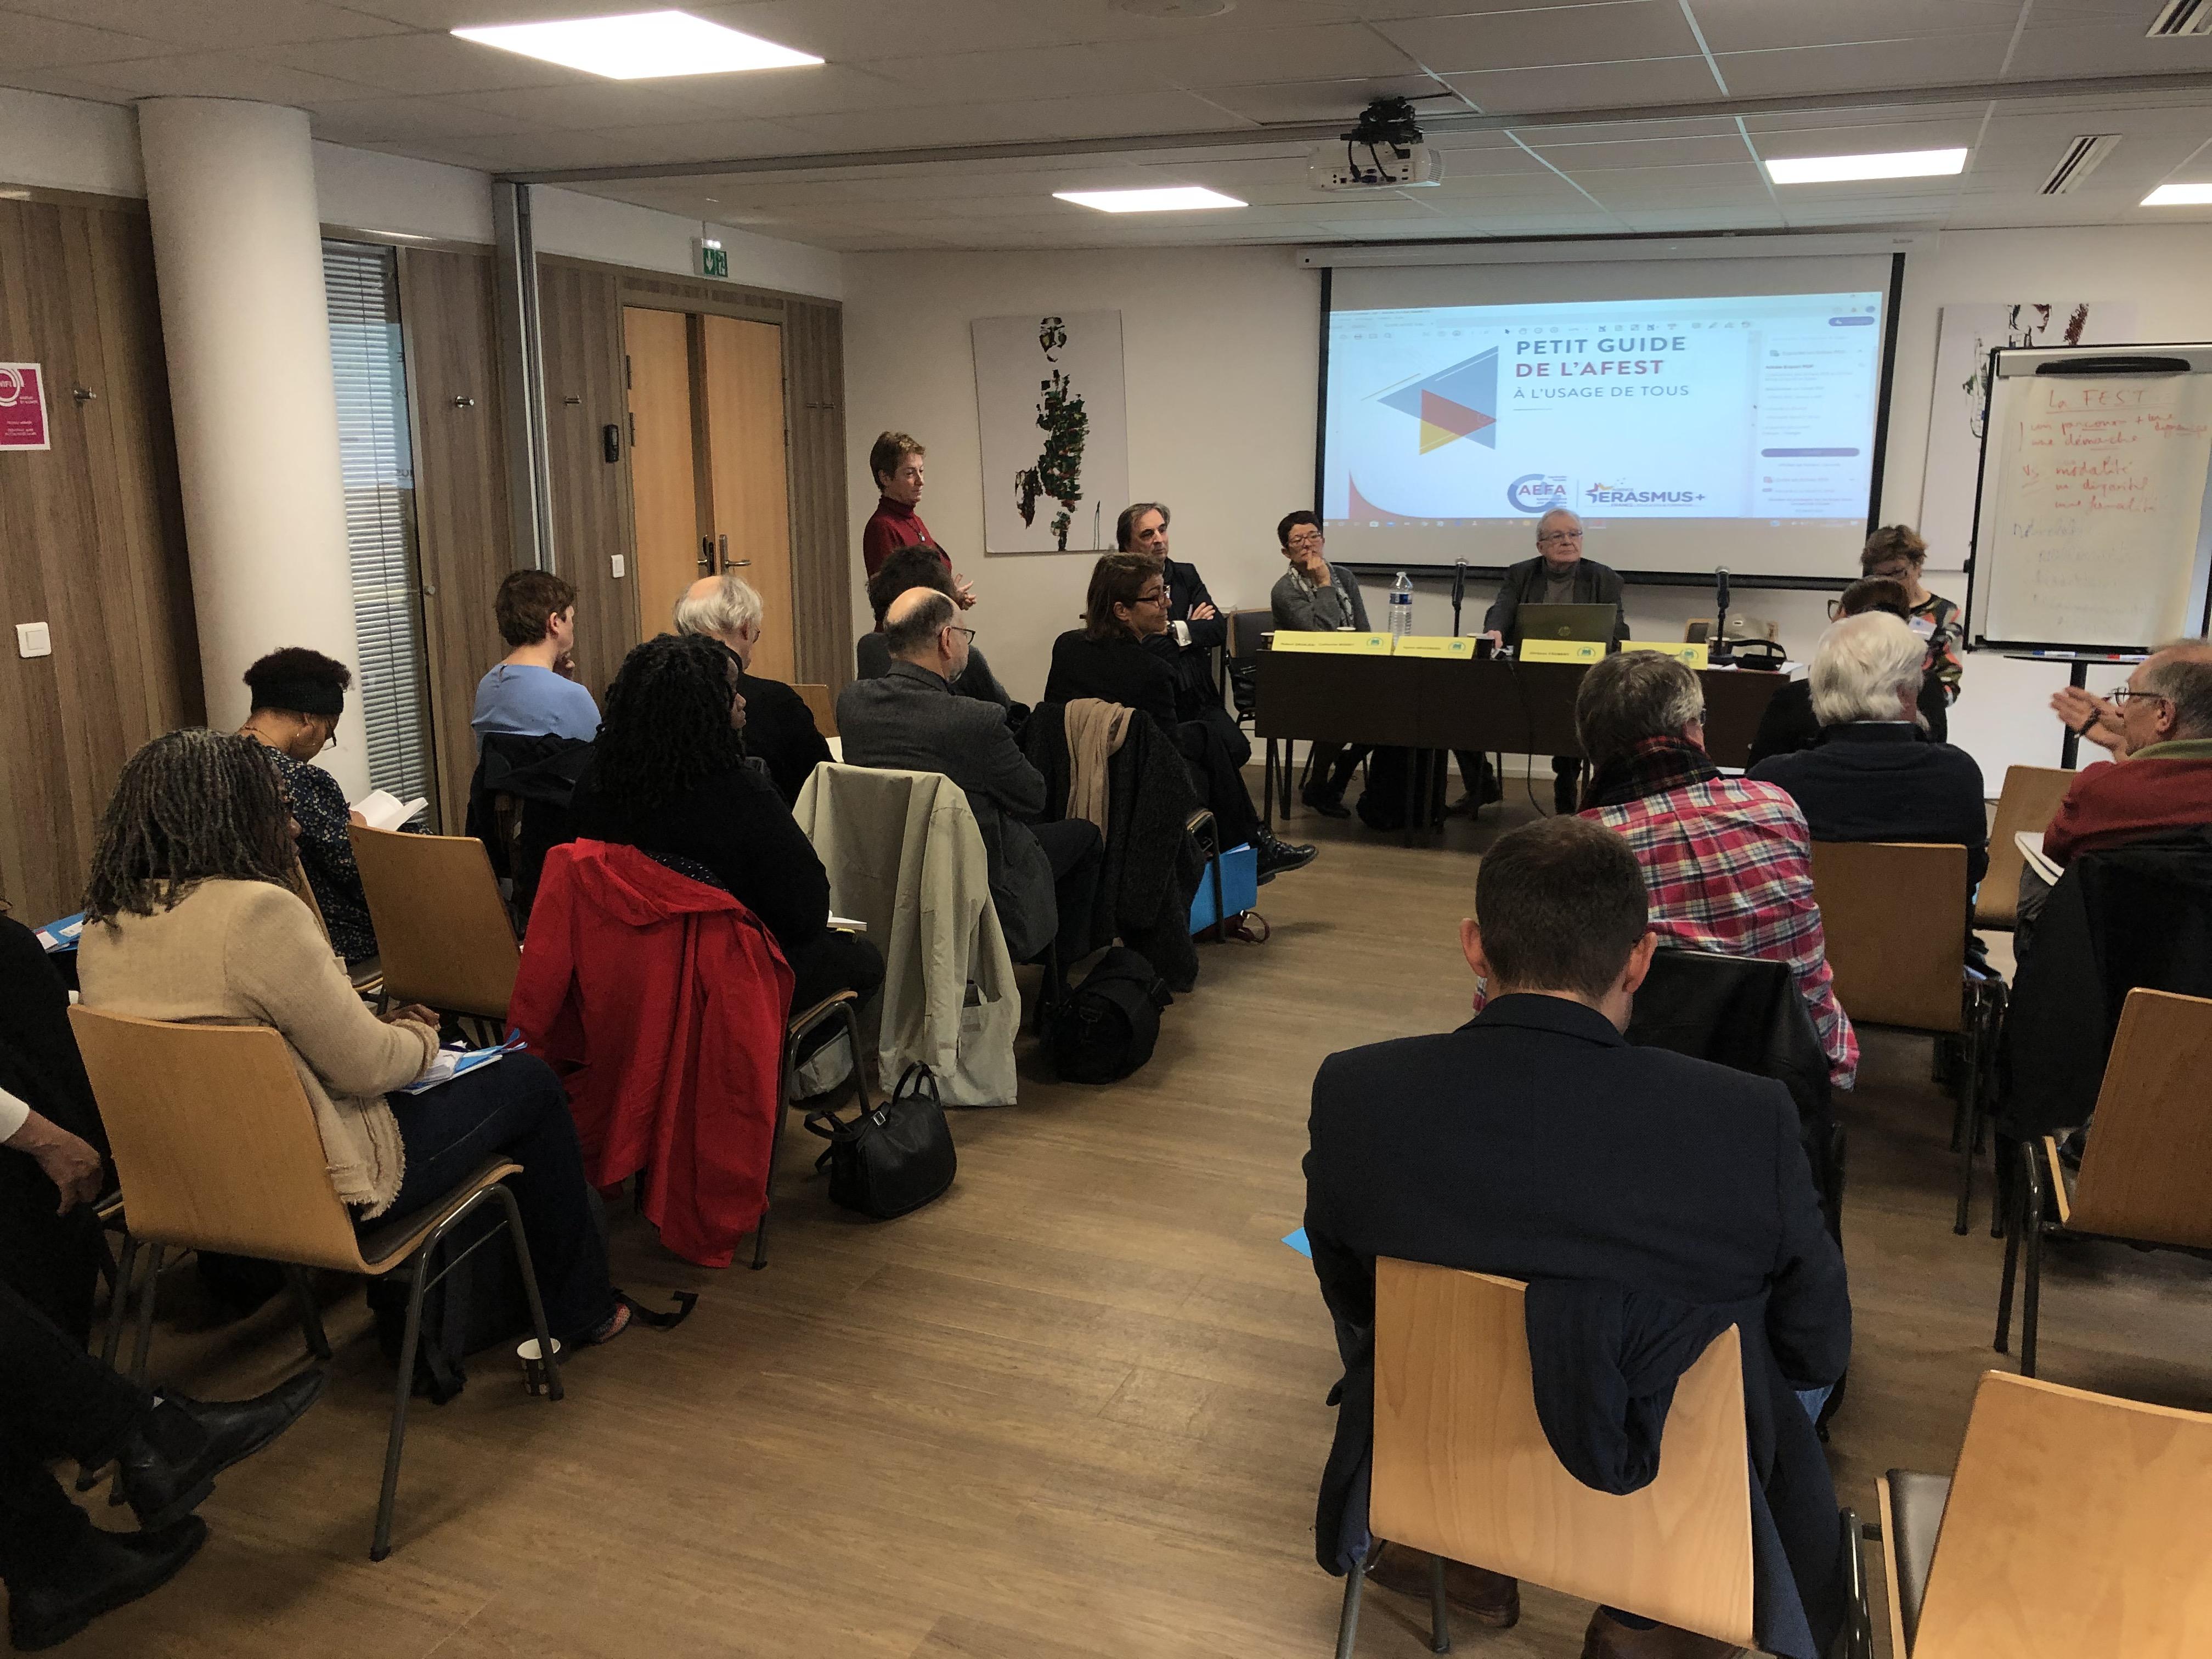 'Parlons Compétences' – Le Management Face Au Défi De L'accompagnement Des Compétences